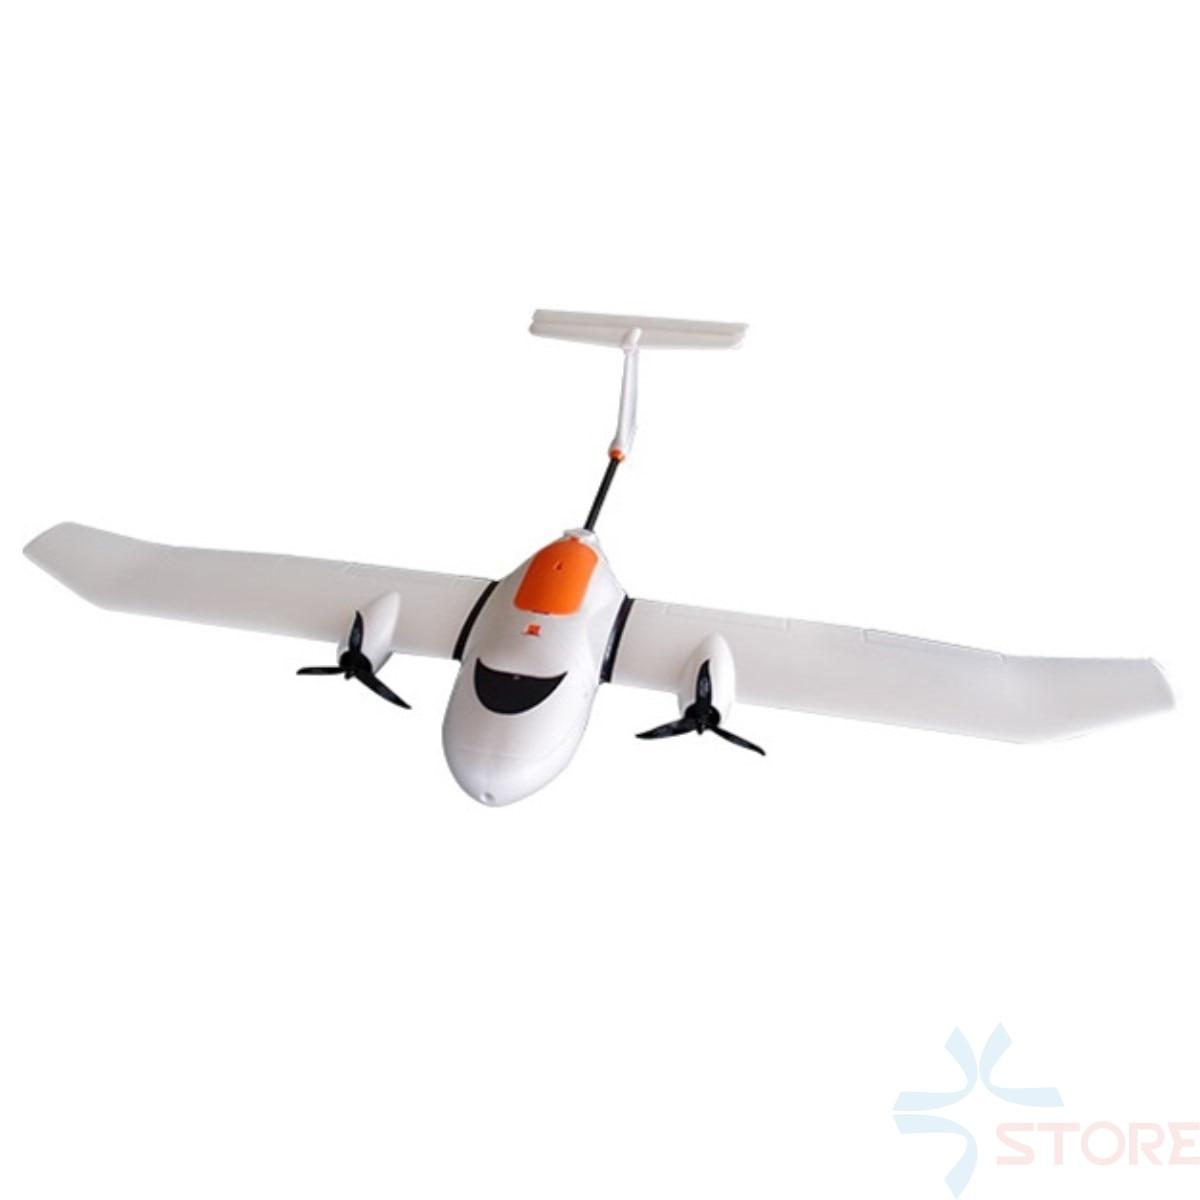 Skywalker EVE 2000 2240mm Wingspan EPO FPV RC Airplane UAV Aircraft Fixed Wing Drone White fpv x uav talon uav 1720mm fpv plane gray white version flying glider epo modle rc model airplane